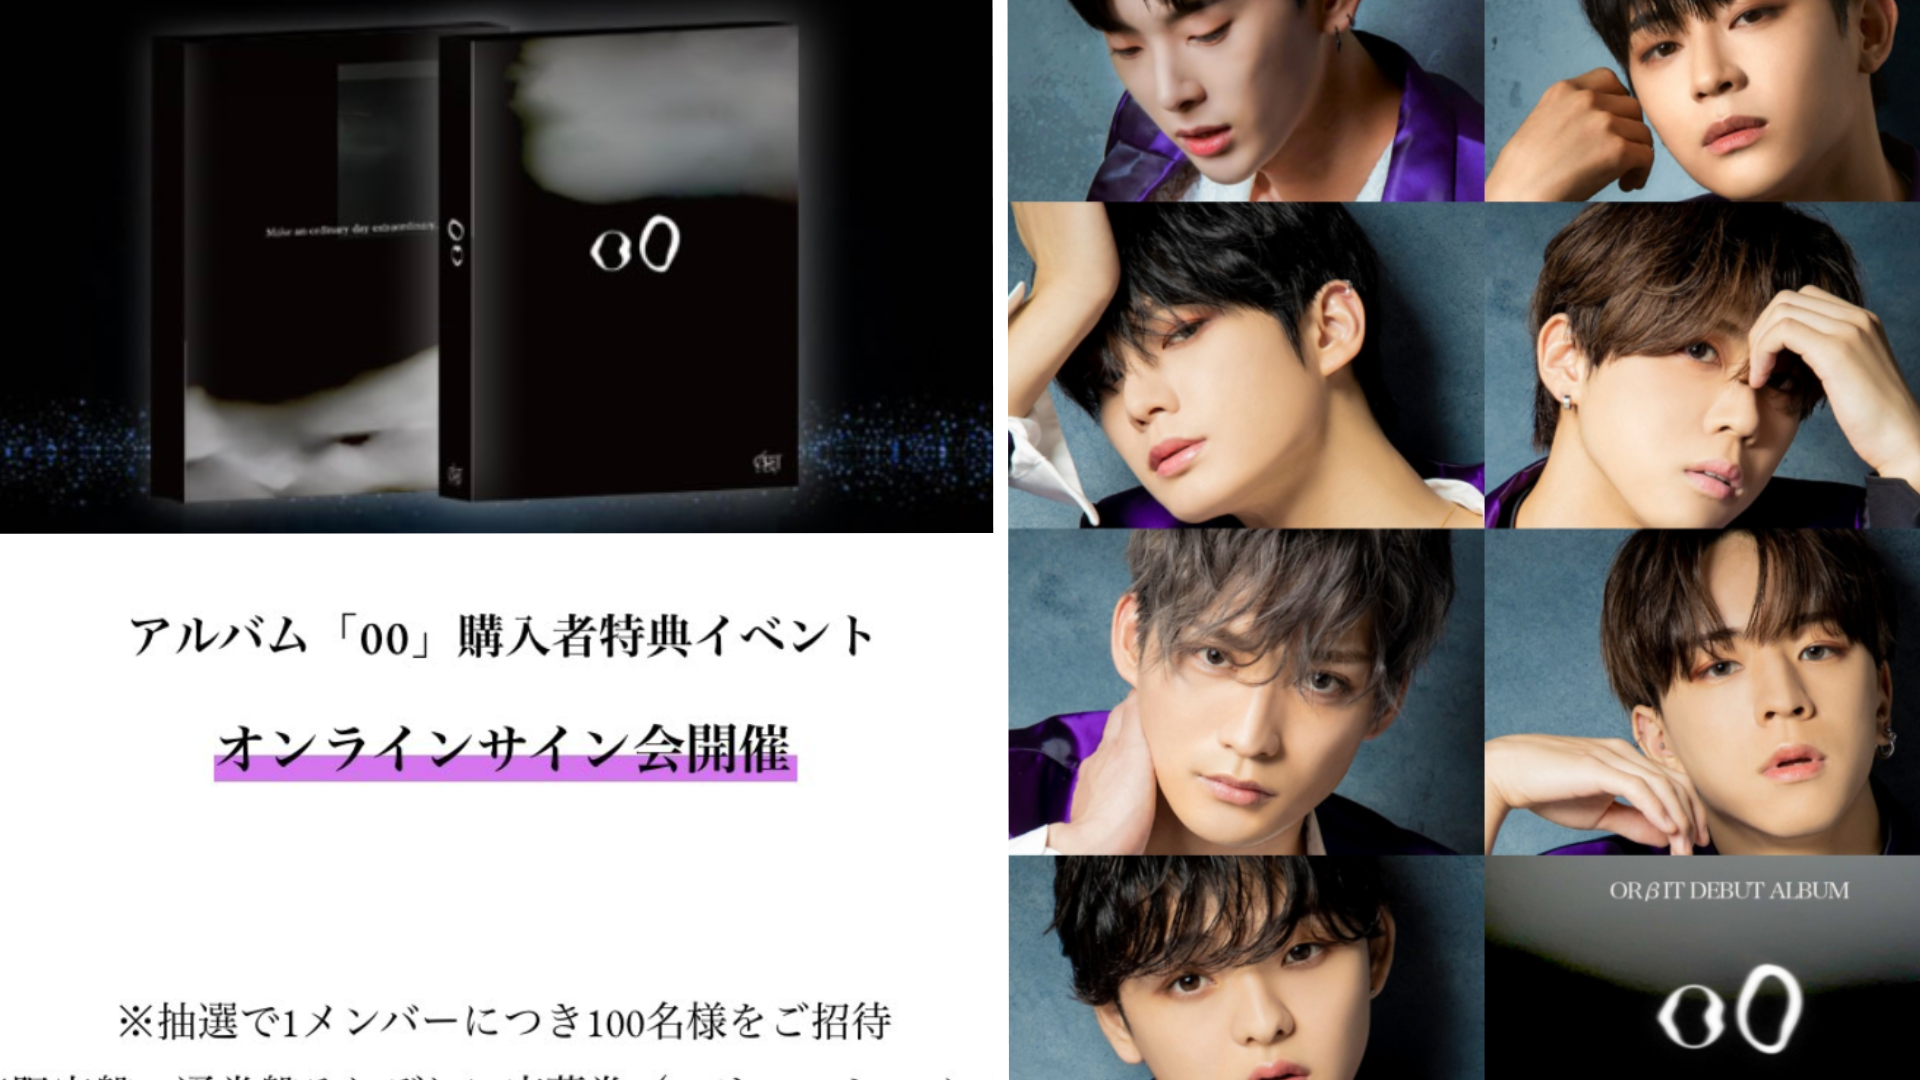 会 オンライン と は サイン [日本語] B.I.G第6回『オンラインサイン会』開催決定のお知らせ!